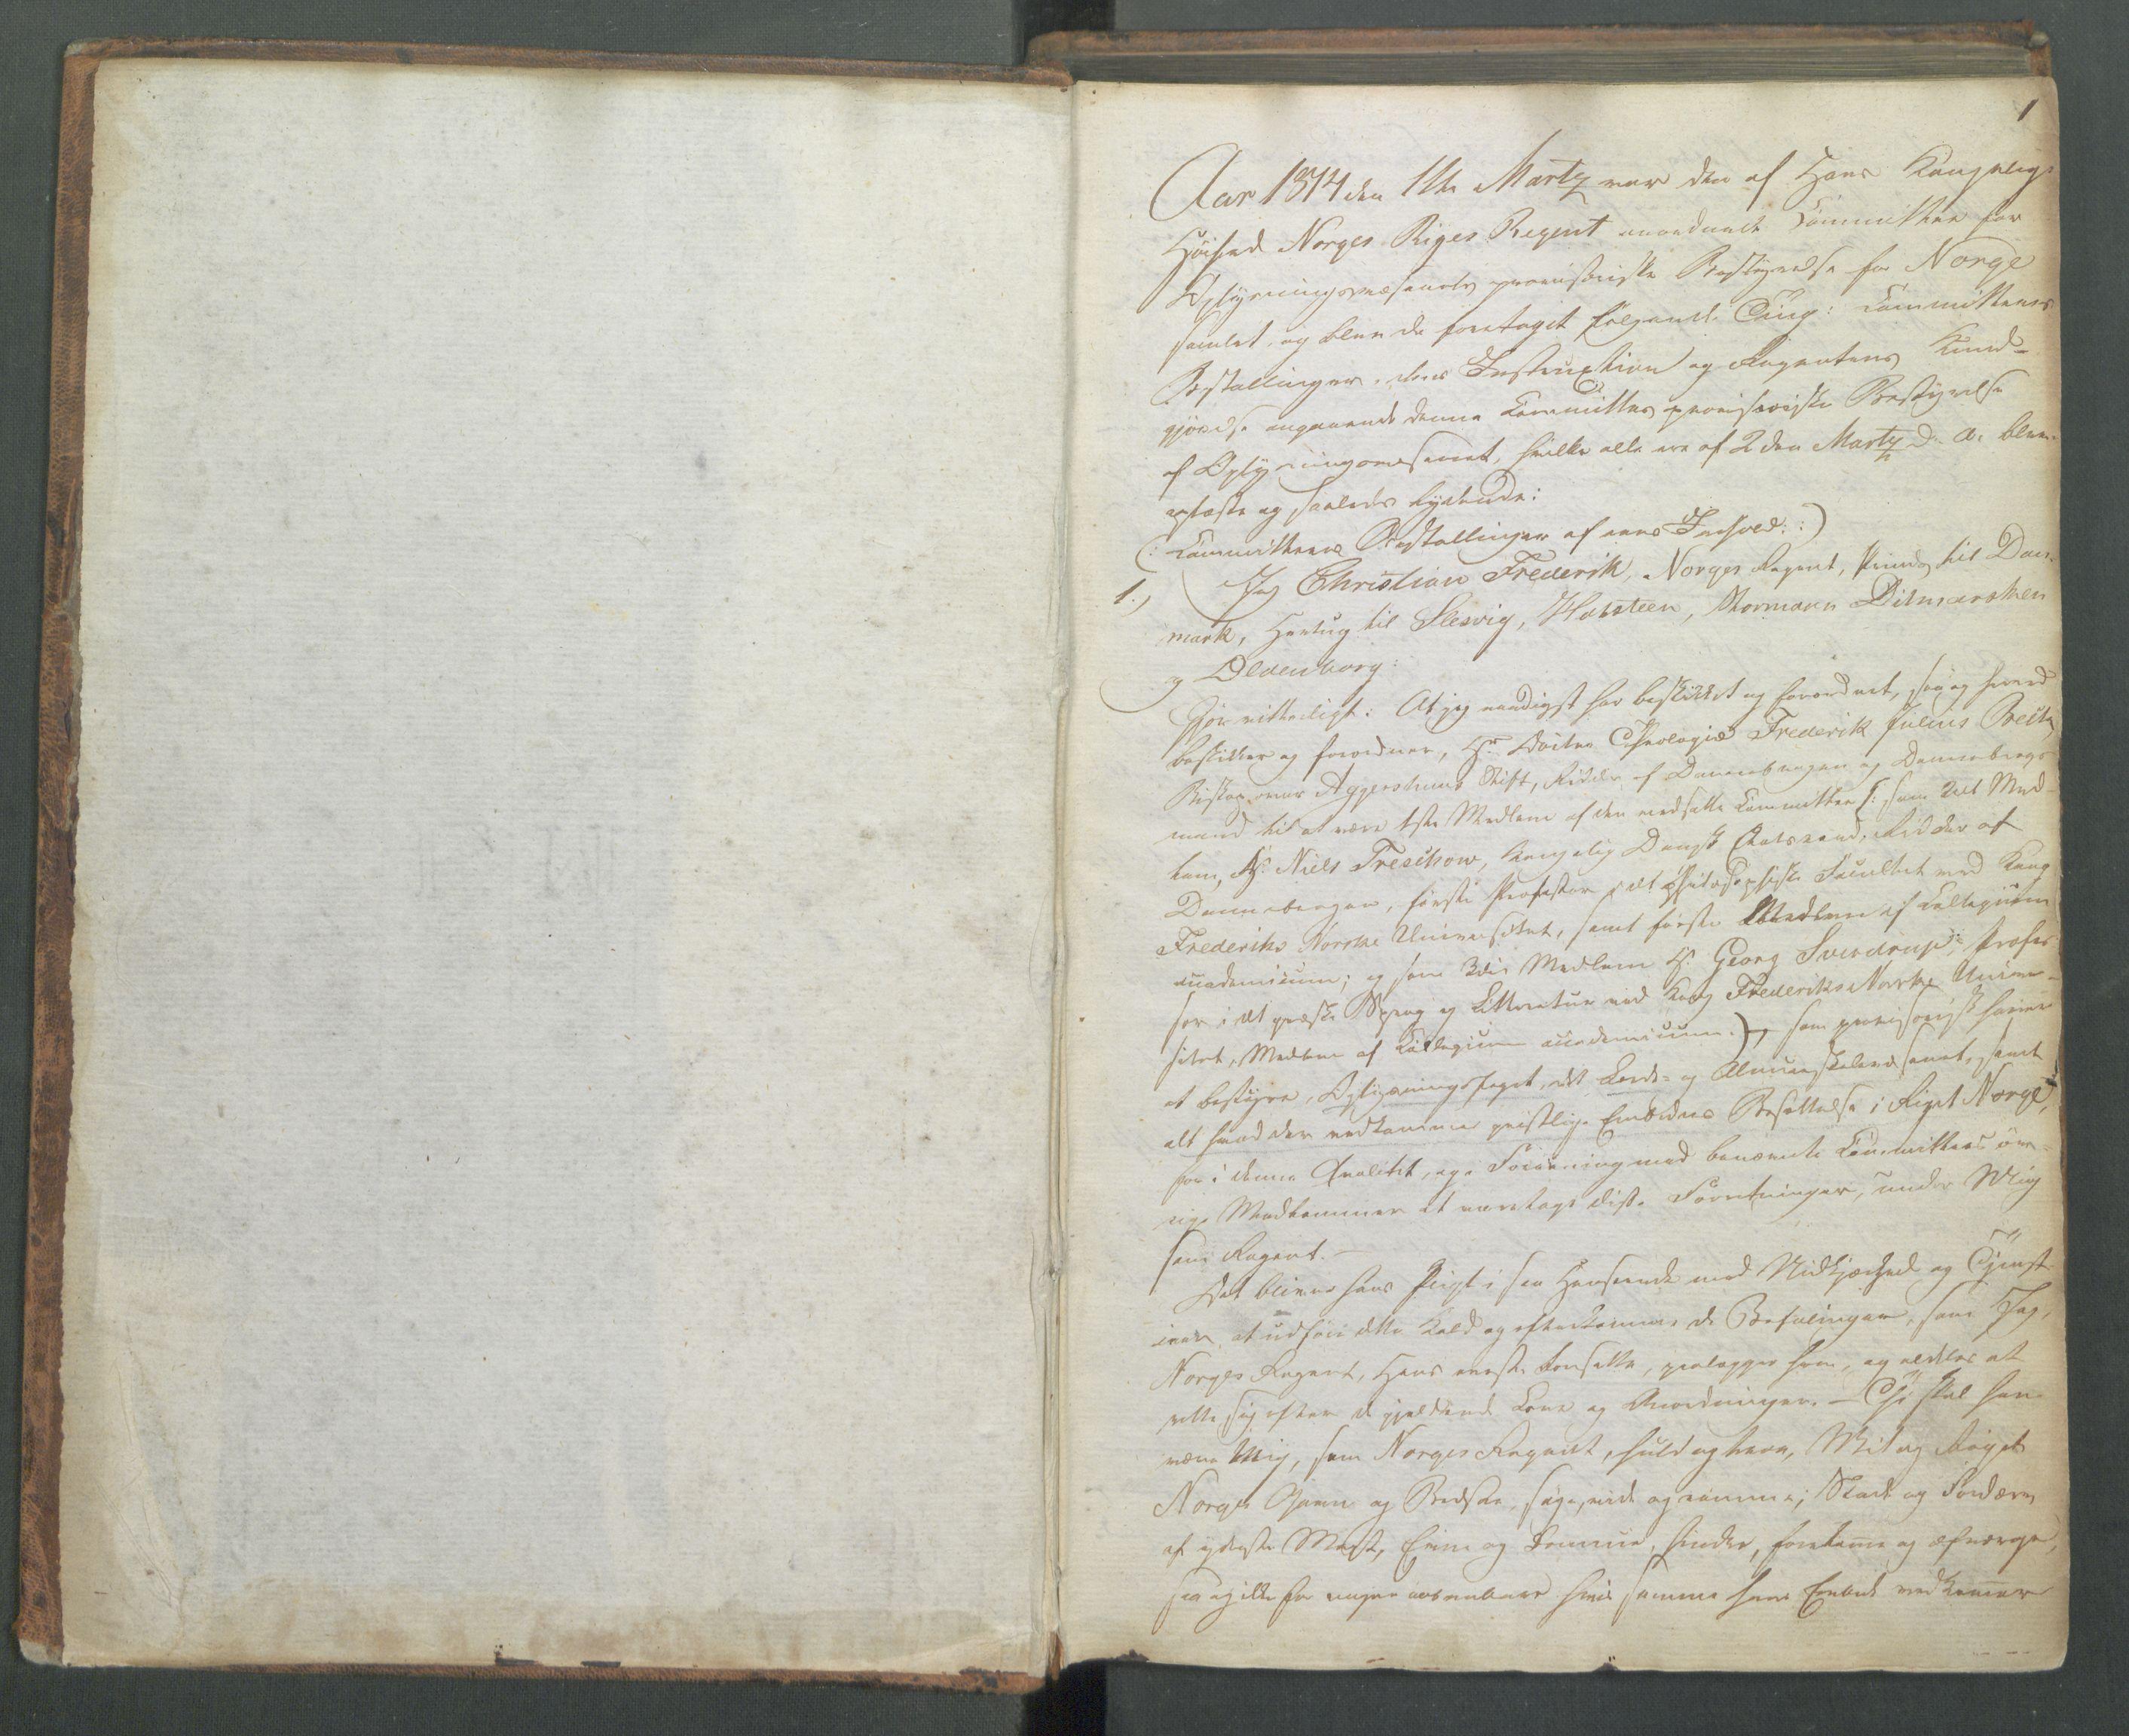 RA, Departementene i 1814, Ff/L0001: Deliberasjonsprotokoll, 1814-1815, s. 1